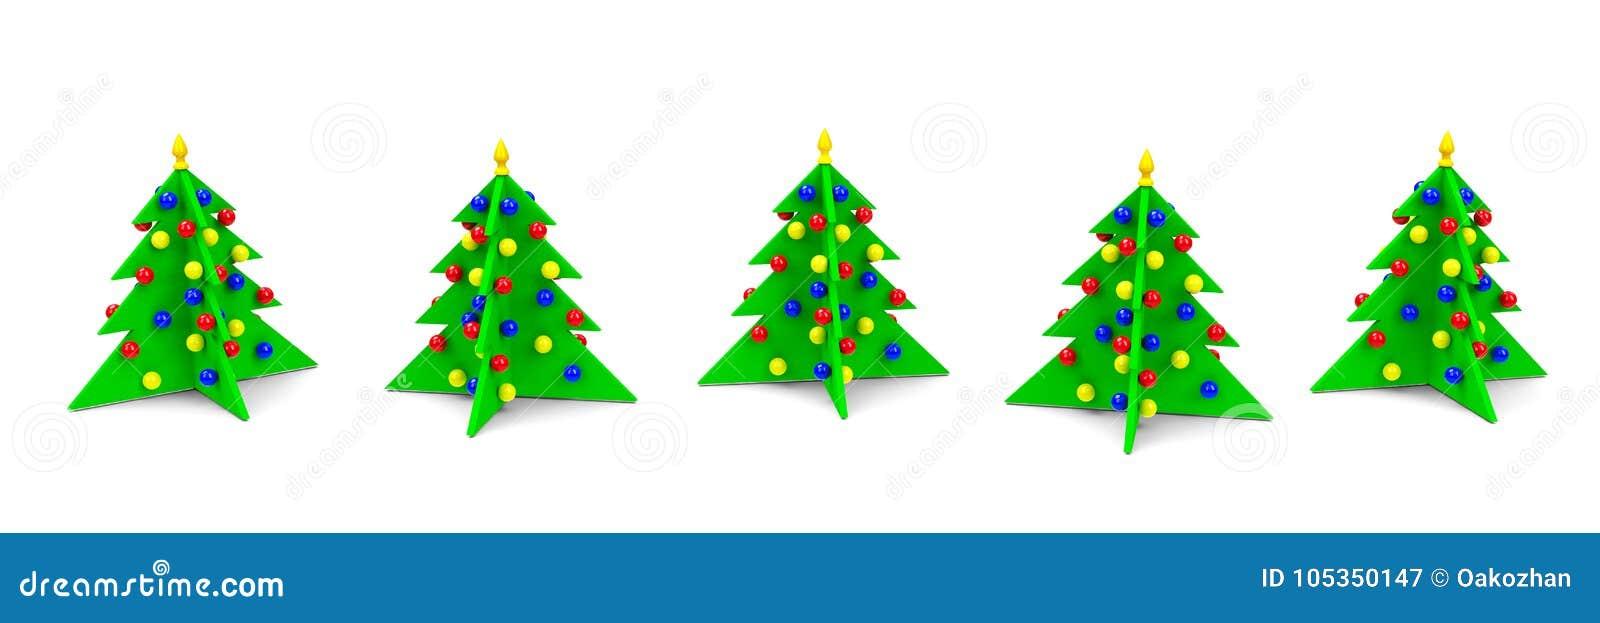 Weihnachtsbäume in Folge